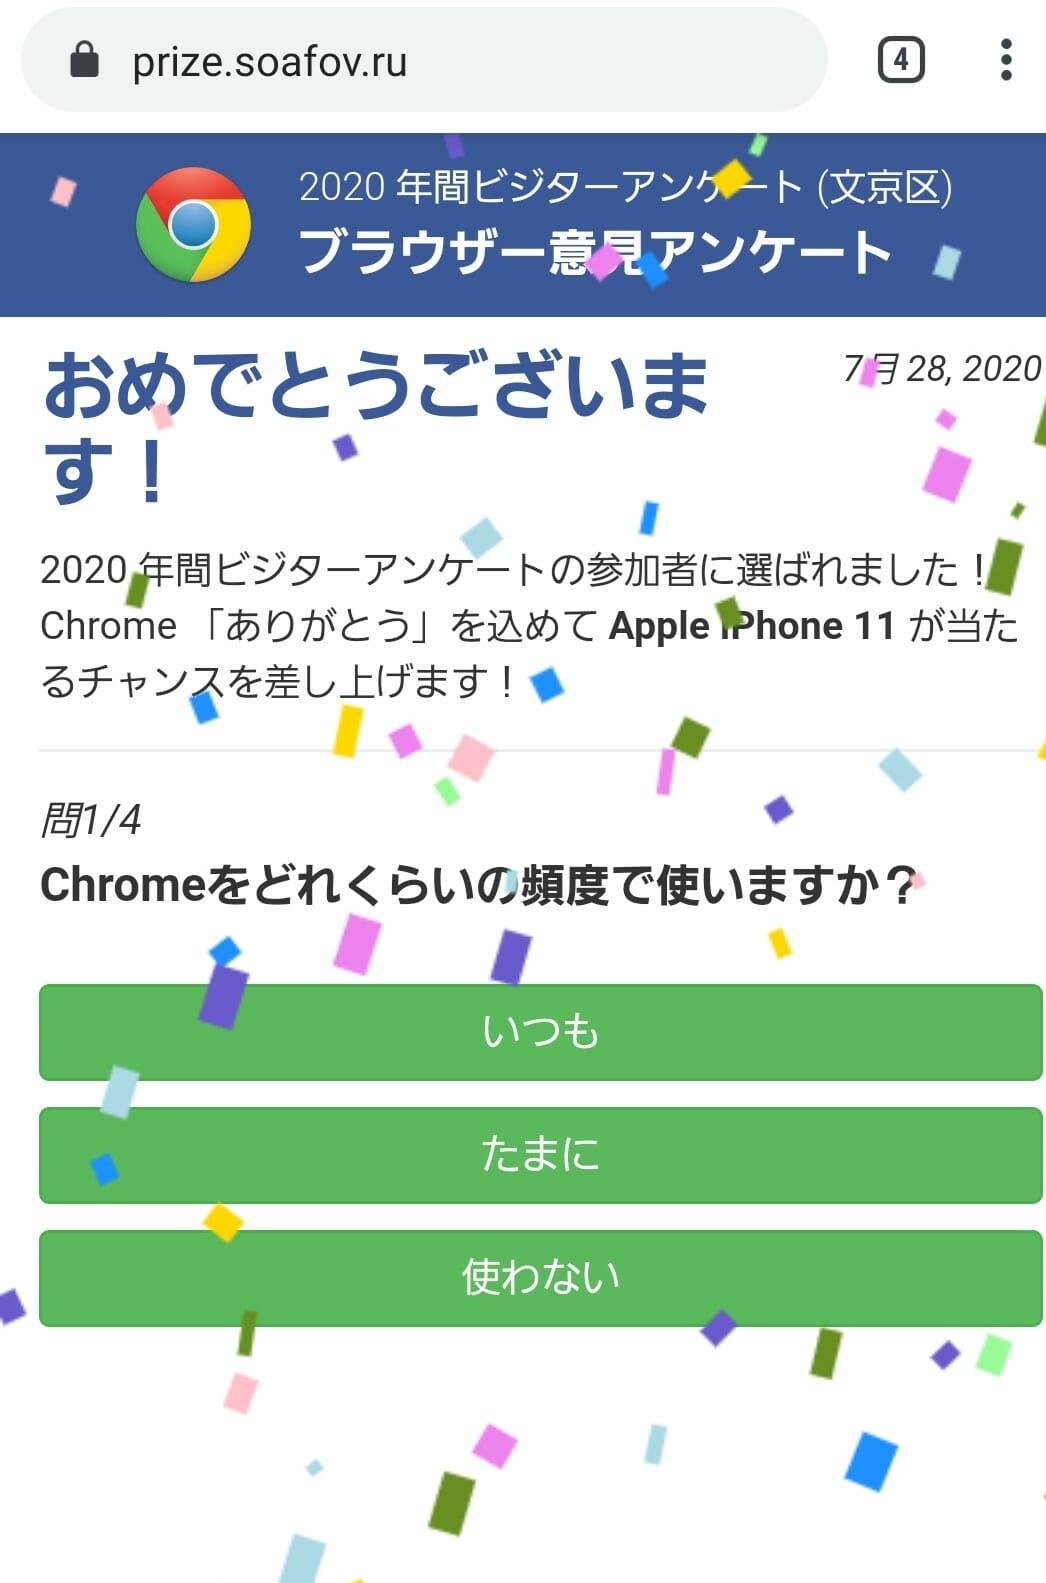 と 請求 アダル 削除 iphone 画面 サイト